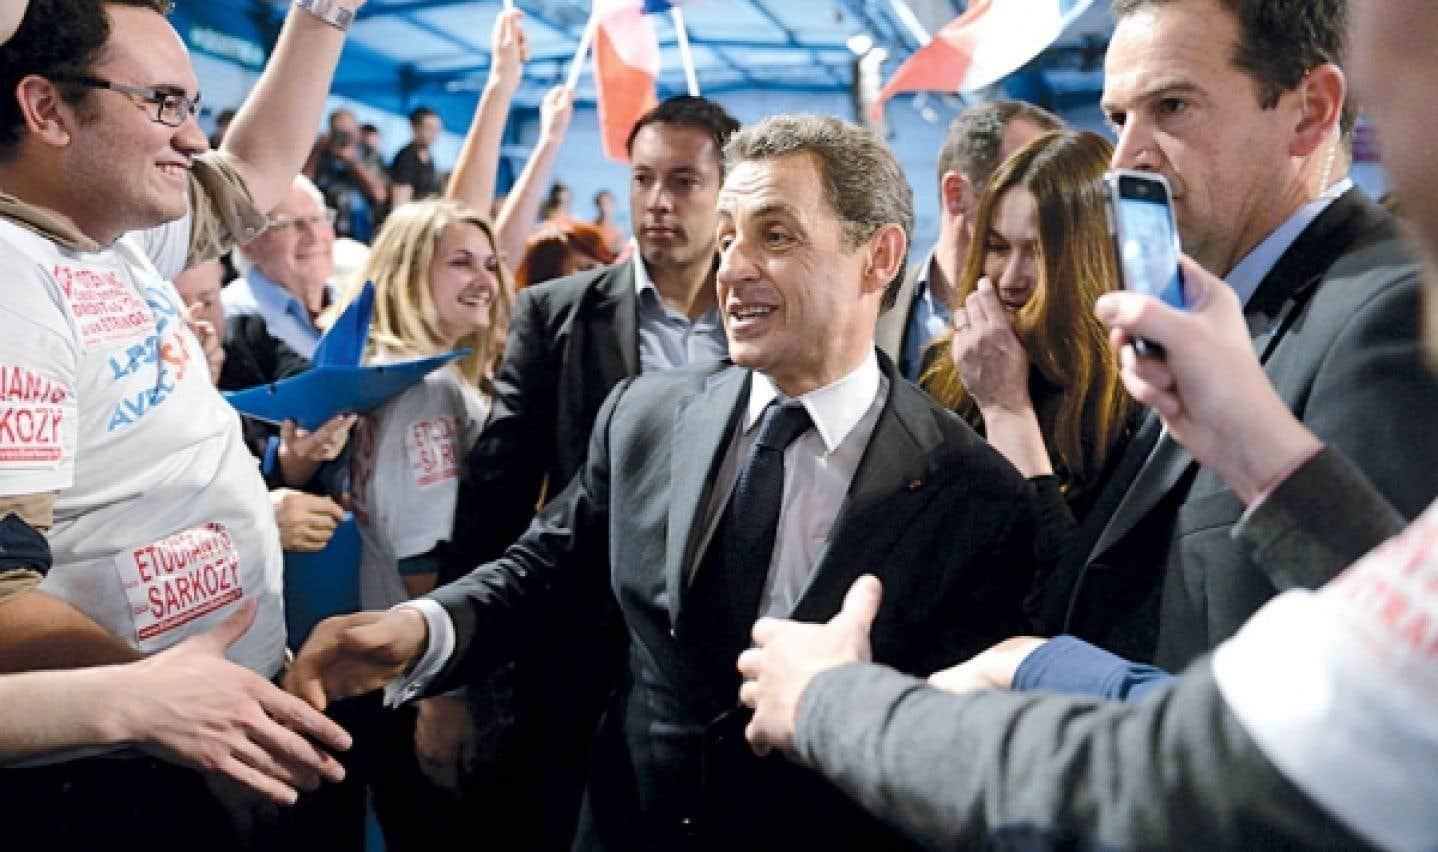 Nicolas Sarkozy, à Toulouse, hier. Une note compromettante jette une ombre sur la fin de sa campagne.